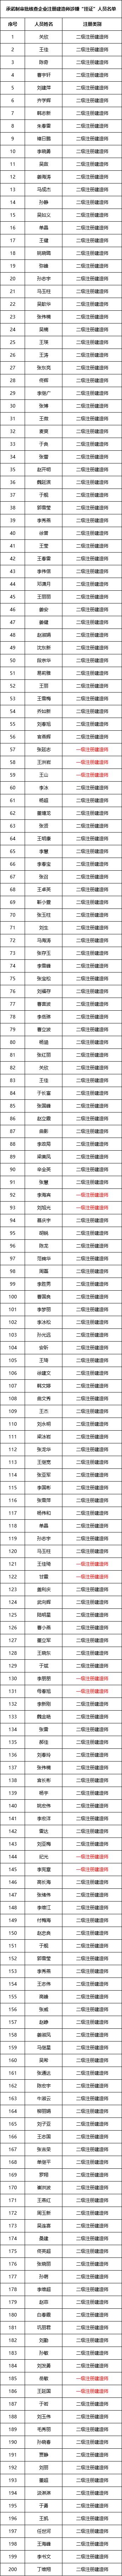 发现506人涉嫌挂证!超八成是注册建造师_3